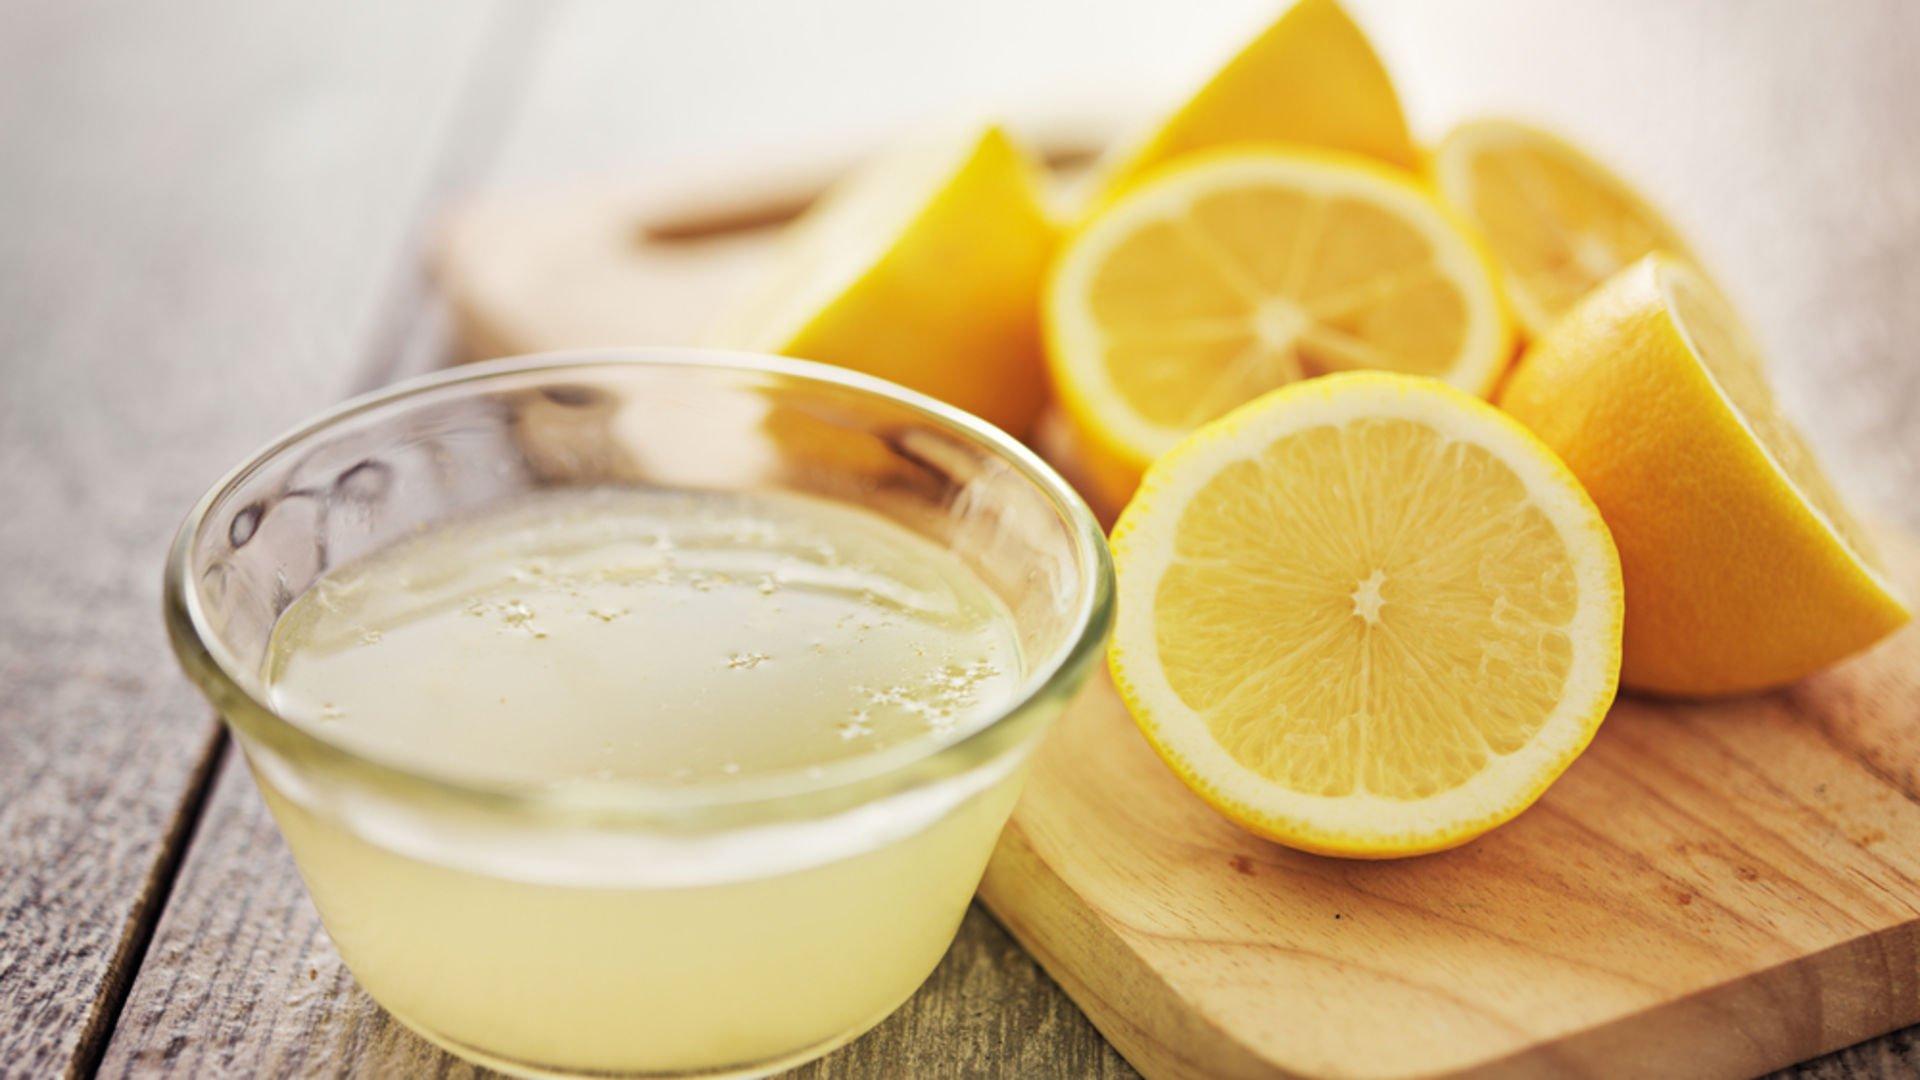 Limon suyunun faydaları nelerdir? | Sağlık